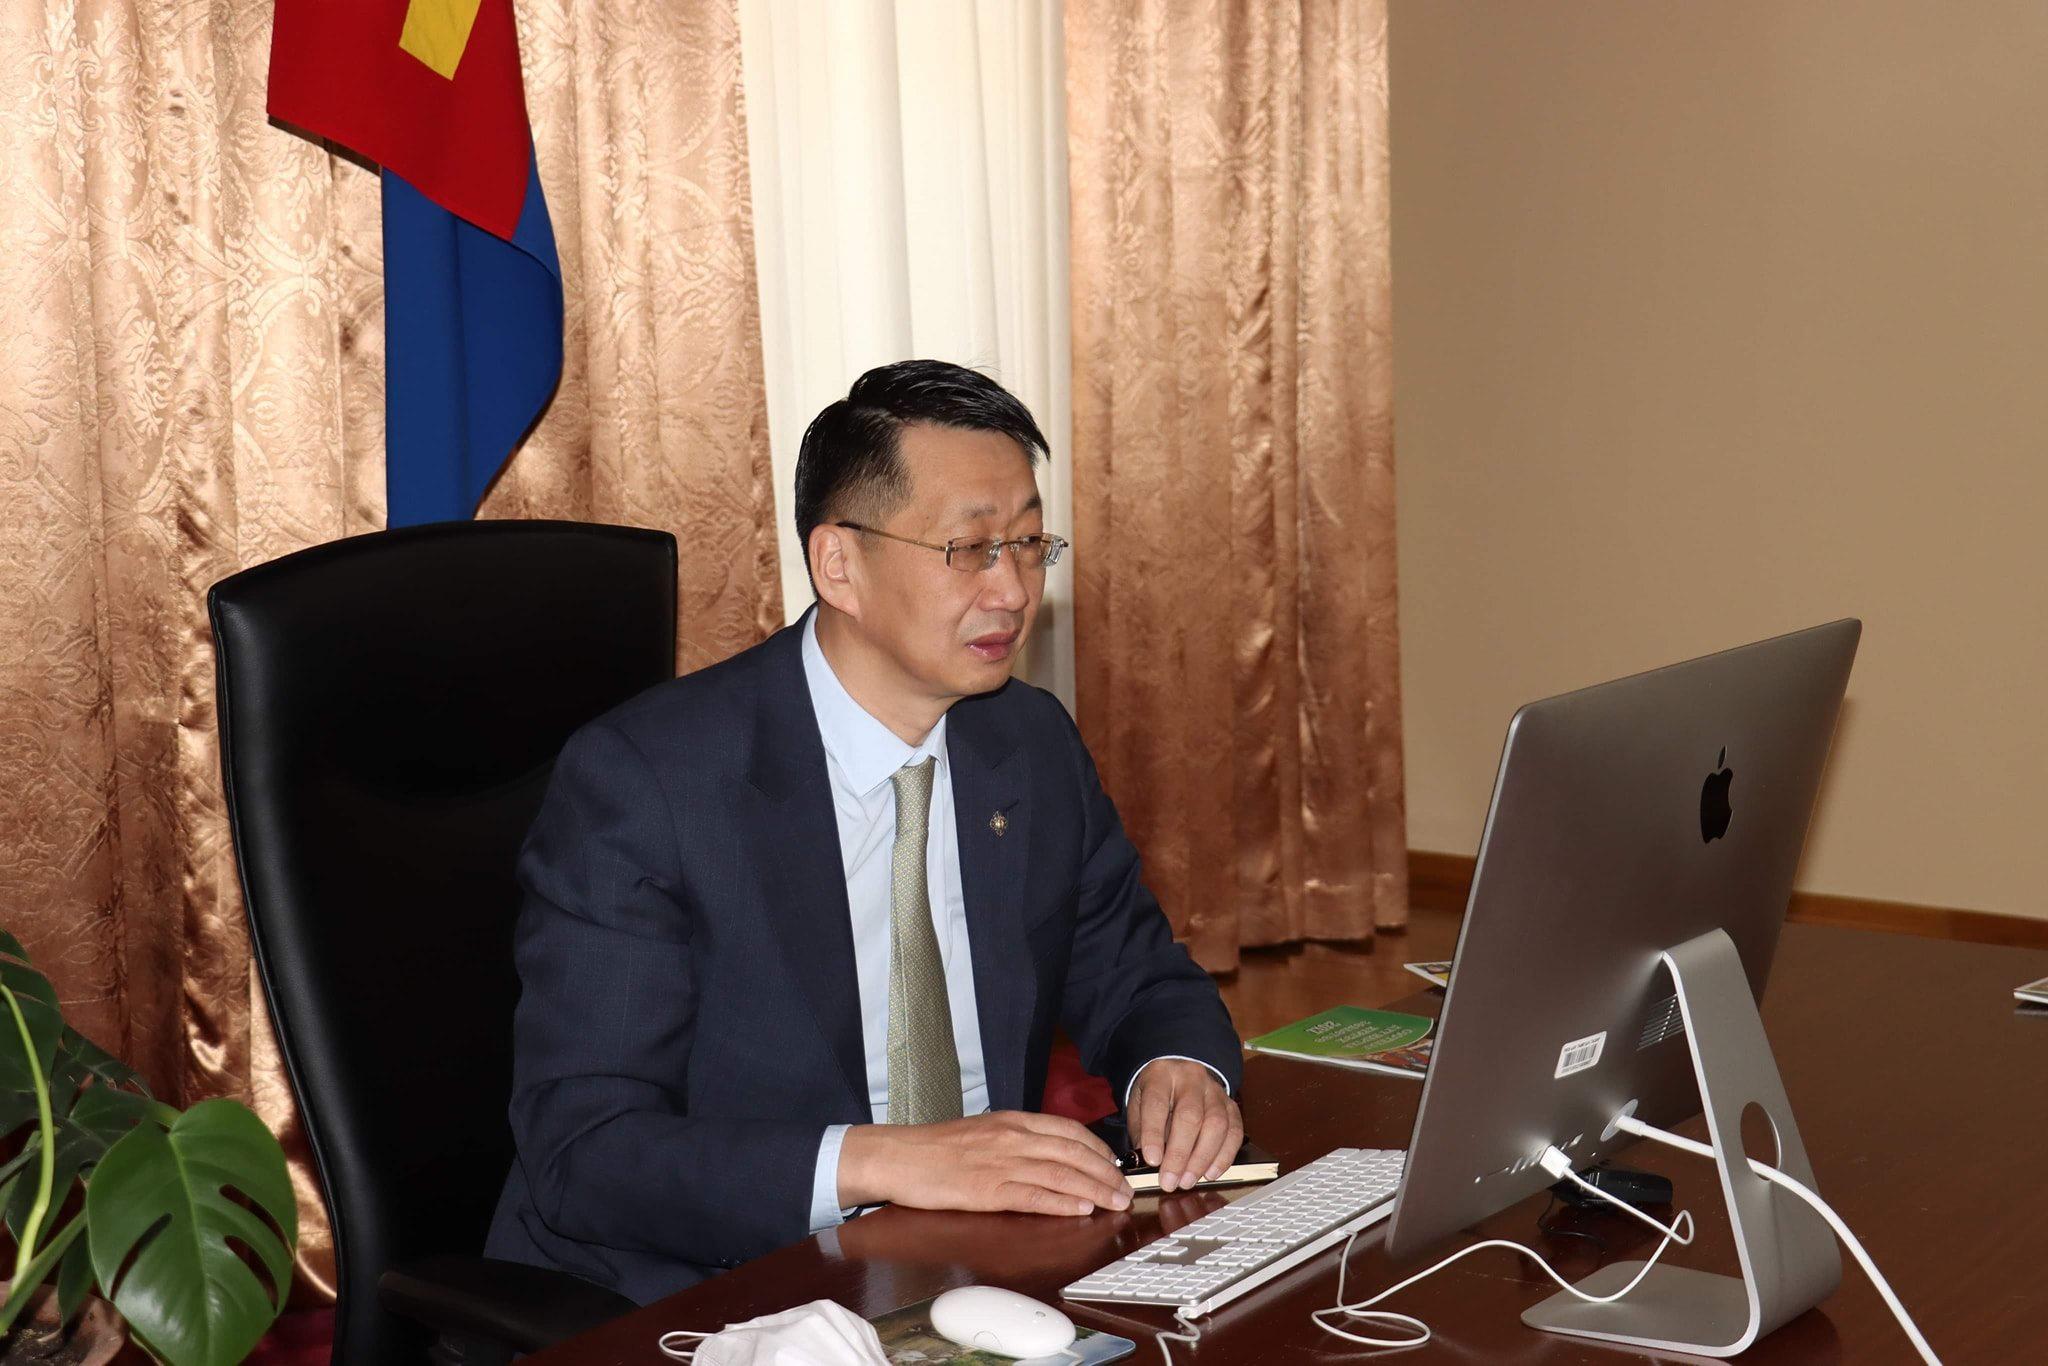 Л.Энх-Амгалан гишүүн Хөвсгөл аймгийн төгсөх ангийн сурагчидтай онлайн уулзалт хийлээ